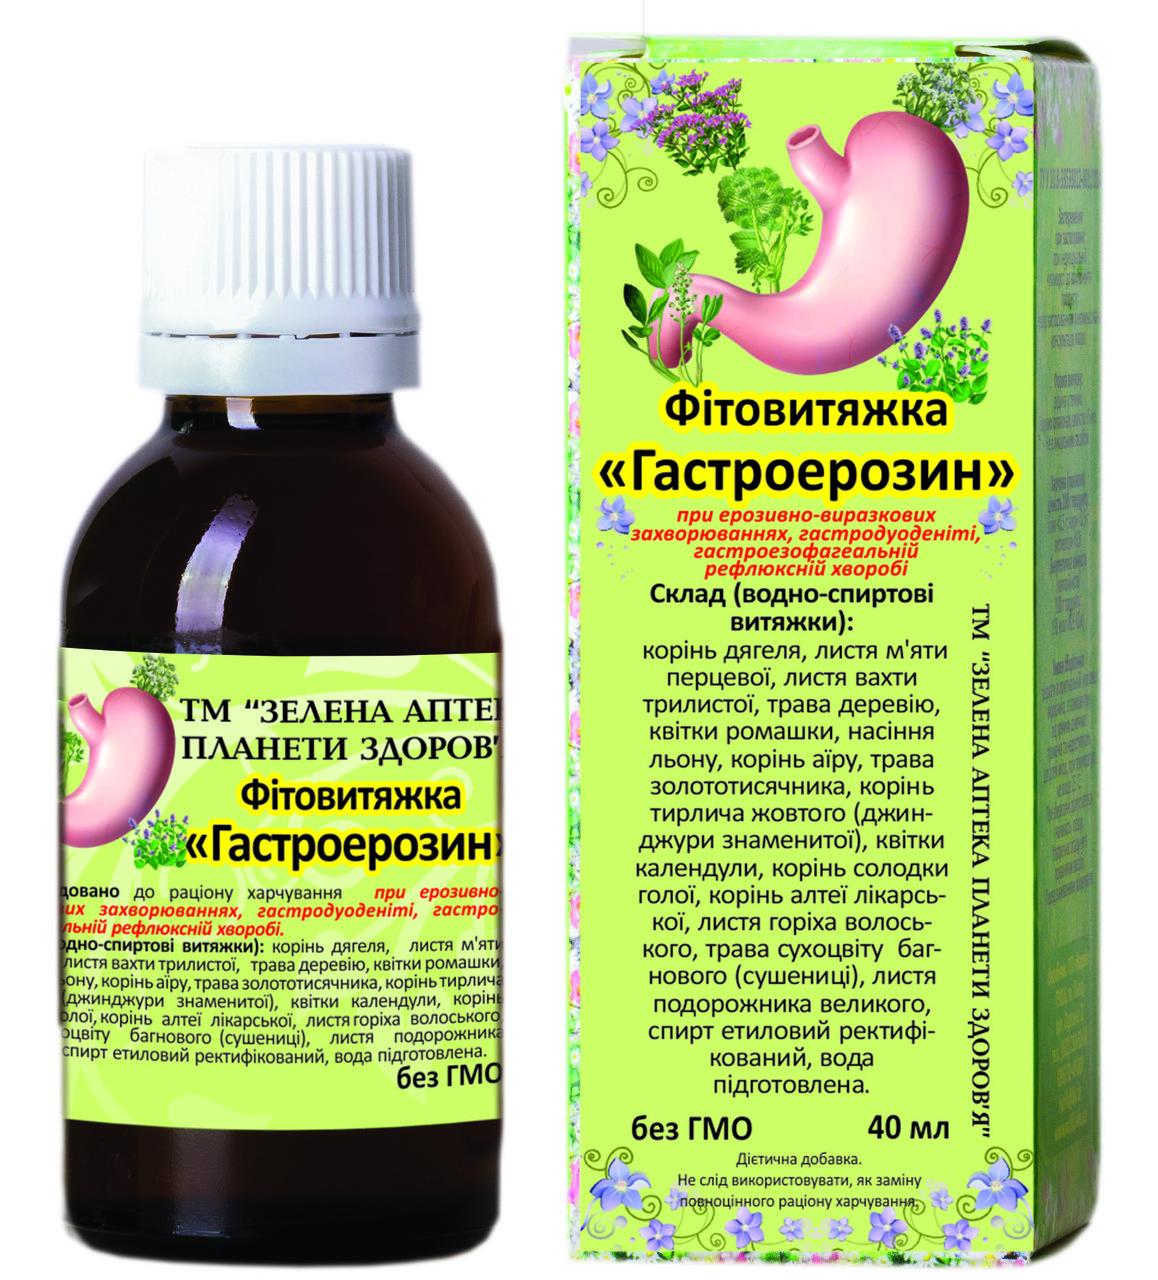 Гастроэрозин фитовытяжка 40 мл